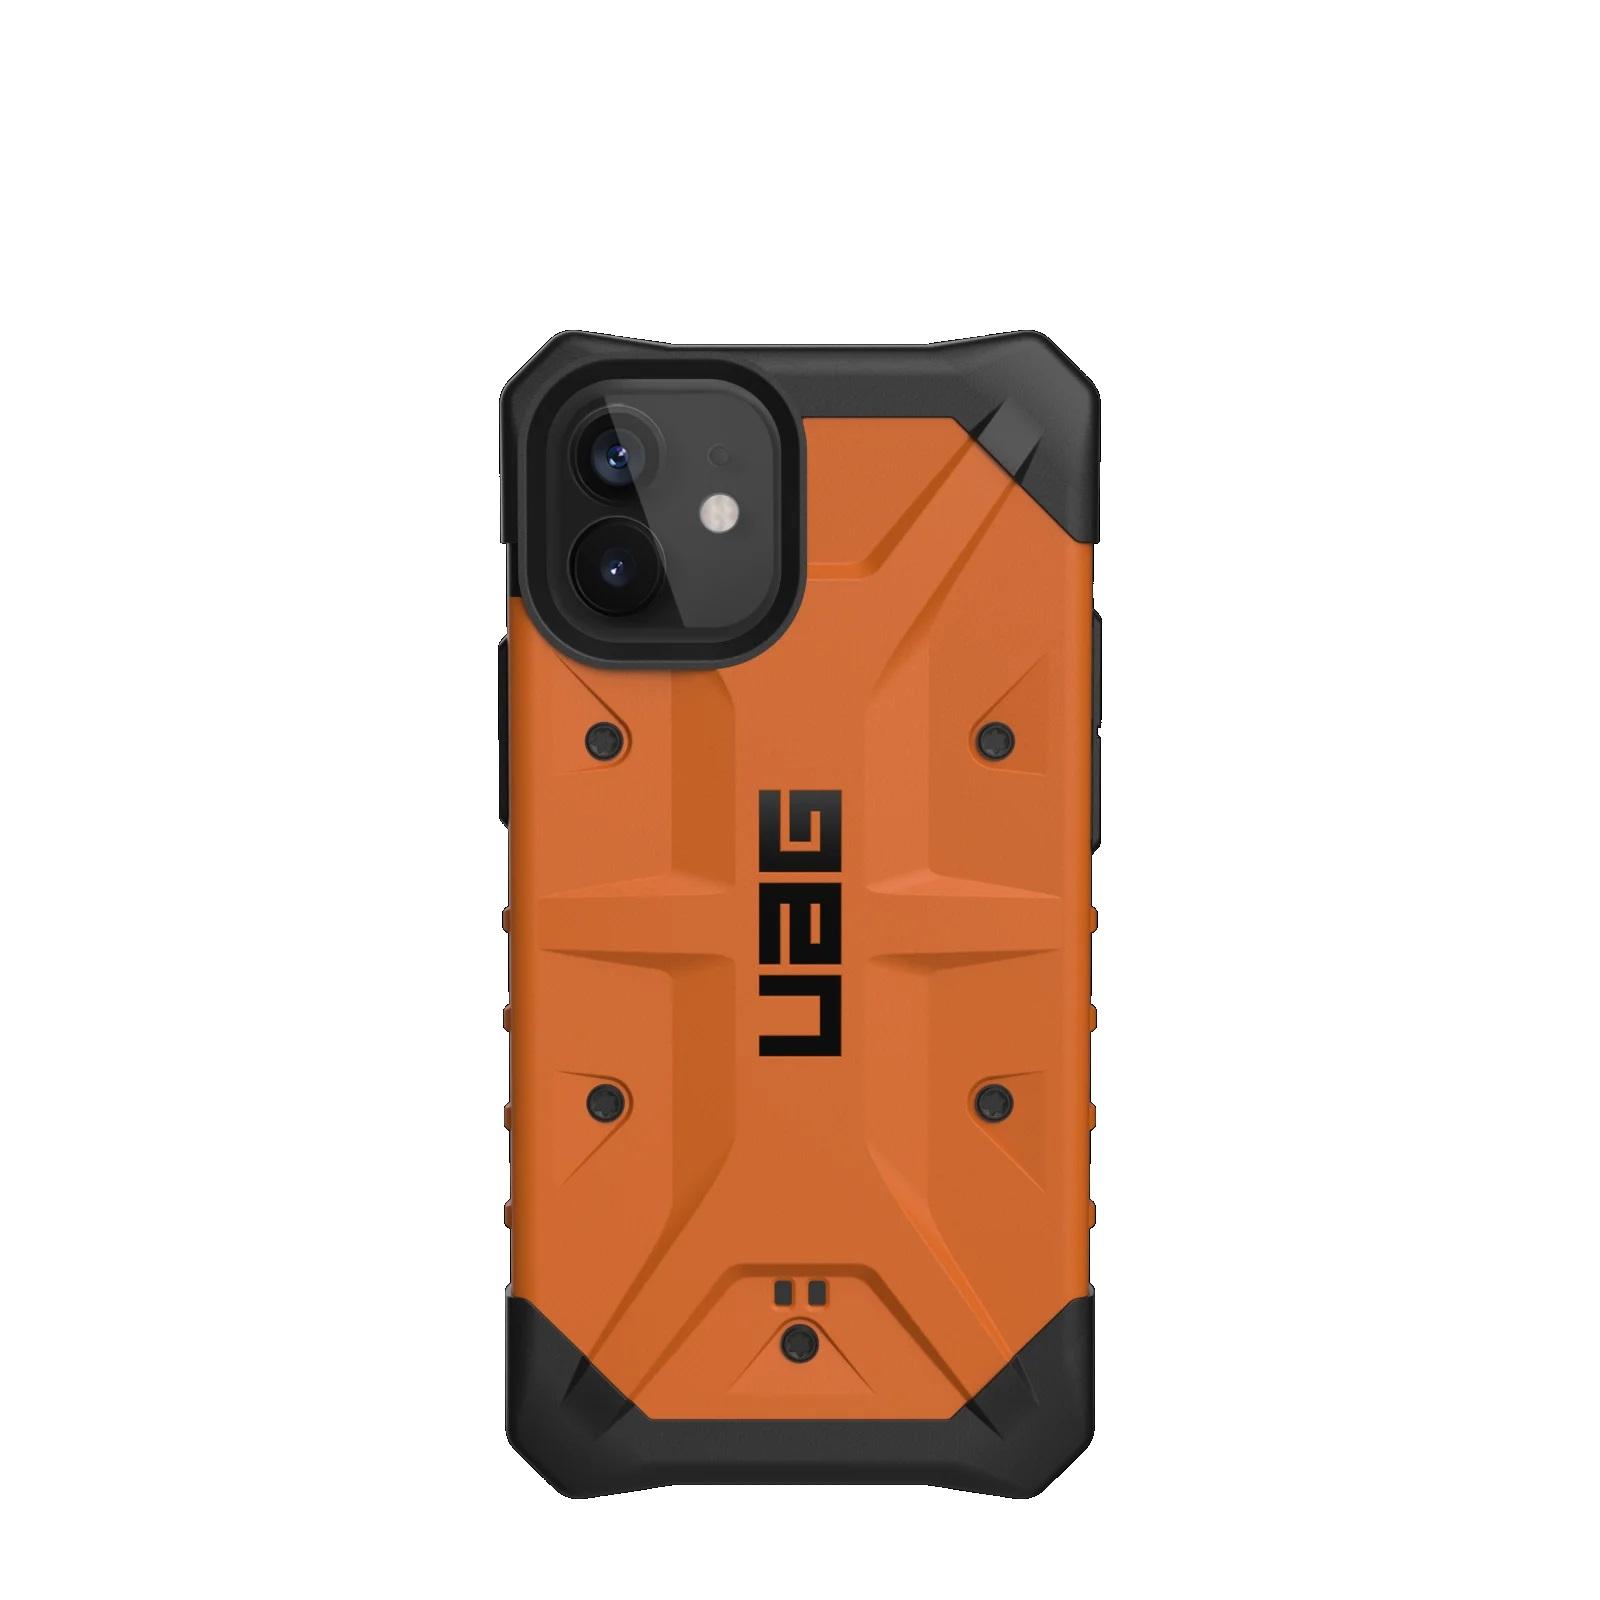 """Urban Armor Gear Pathfinder funda para teléfono móvil 13,7 cm (5.4"""") Negro, Naranja"""